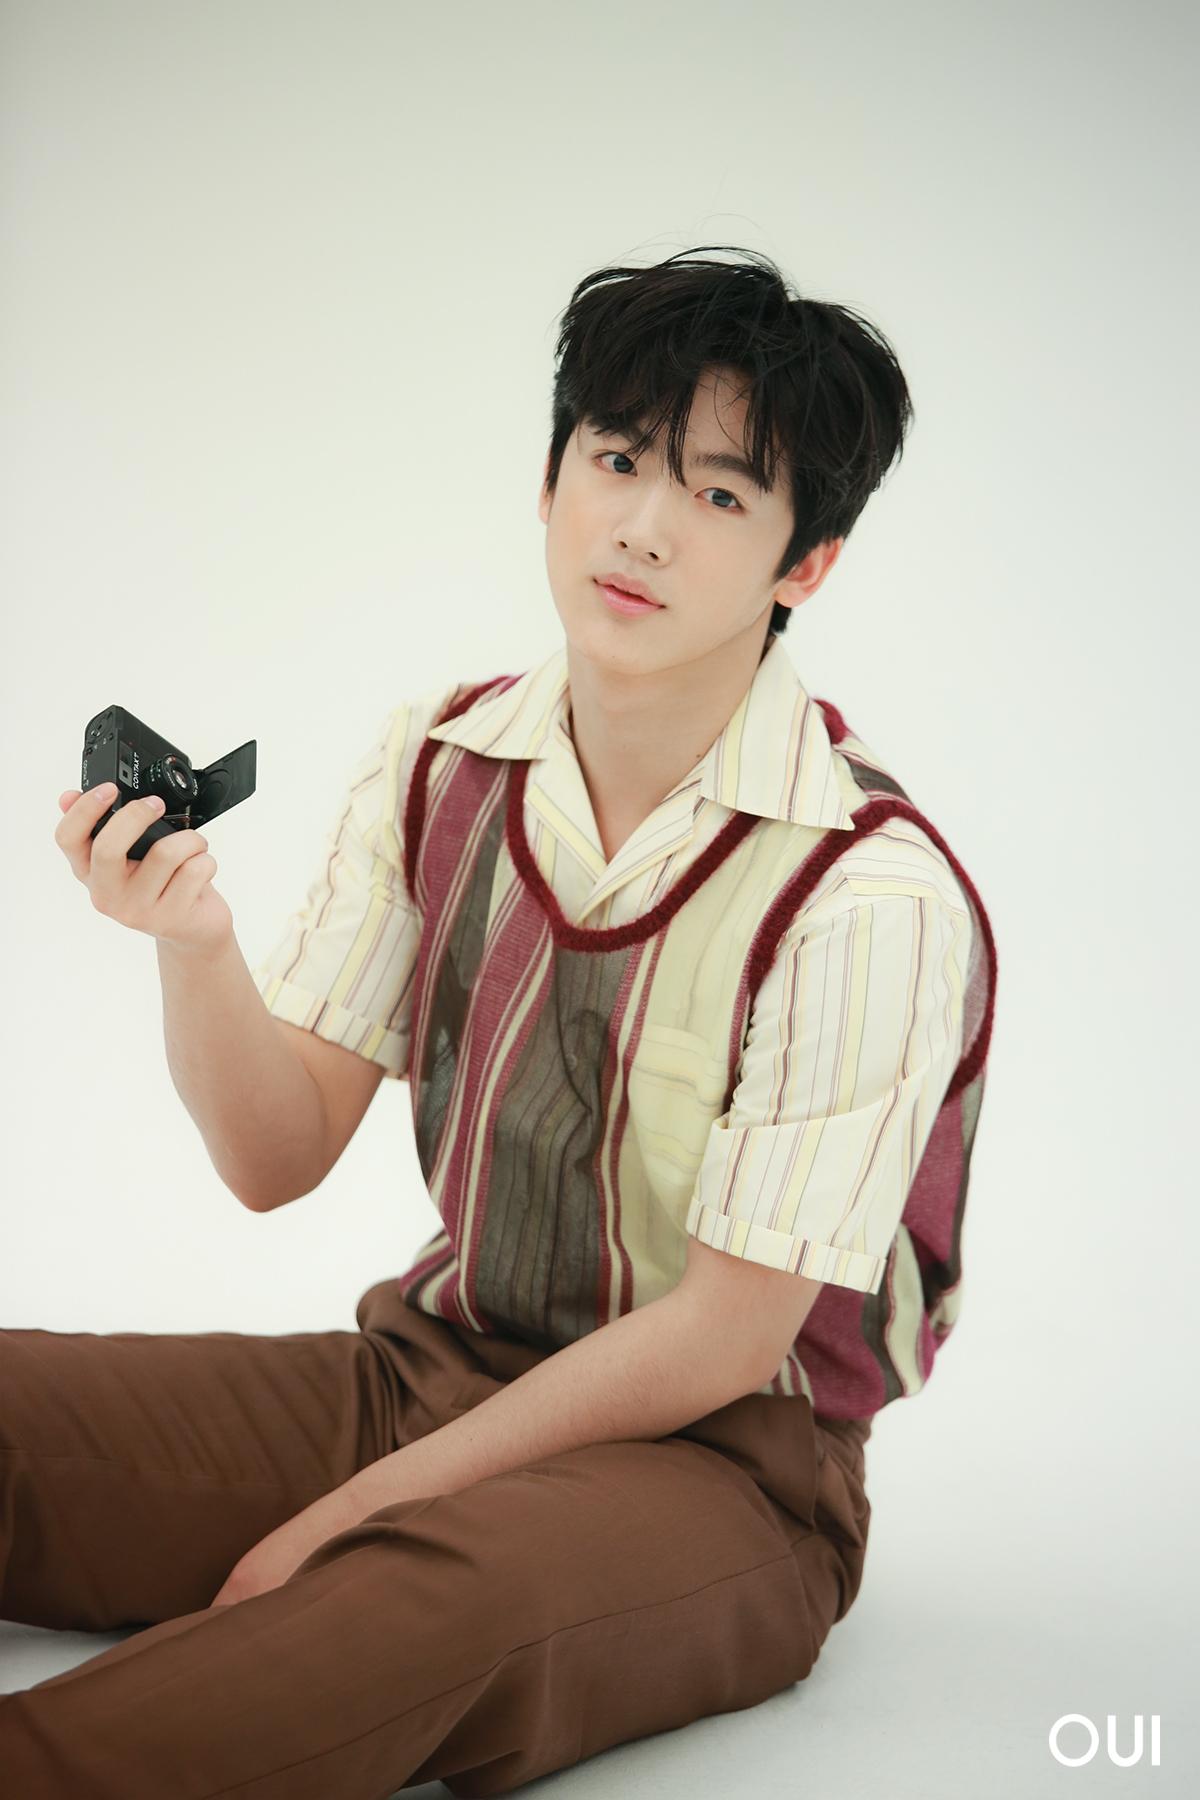 """""""요즘 자꾸만 (Recently)"""" by Kim Yo Han translates into English + texts in Korean"""